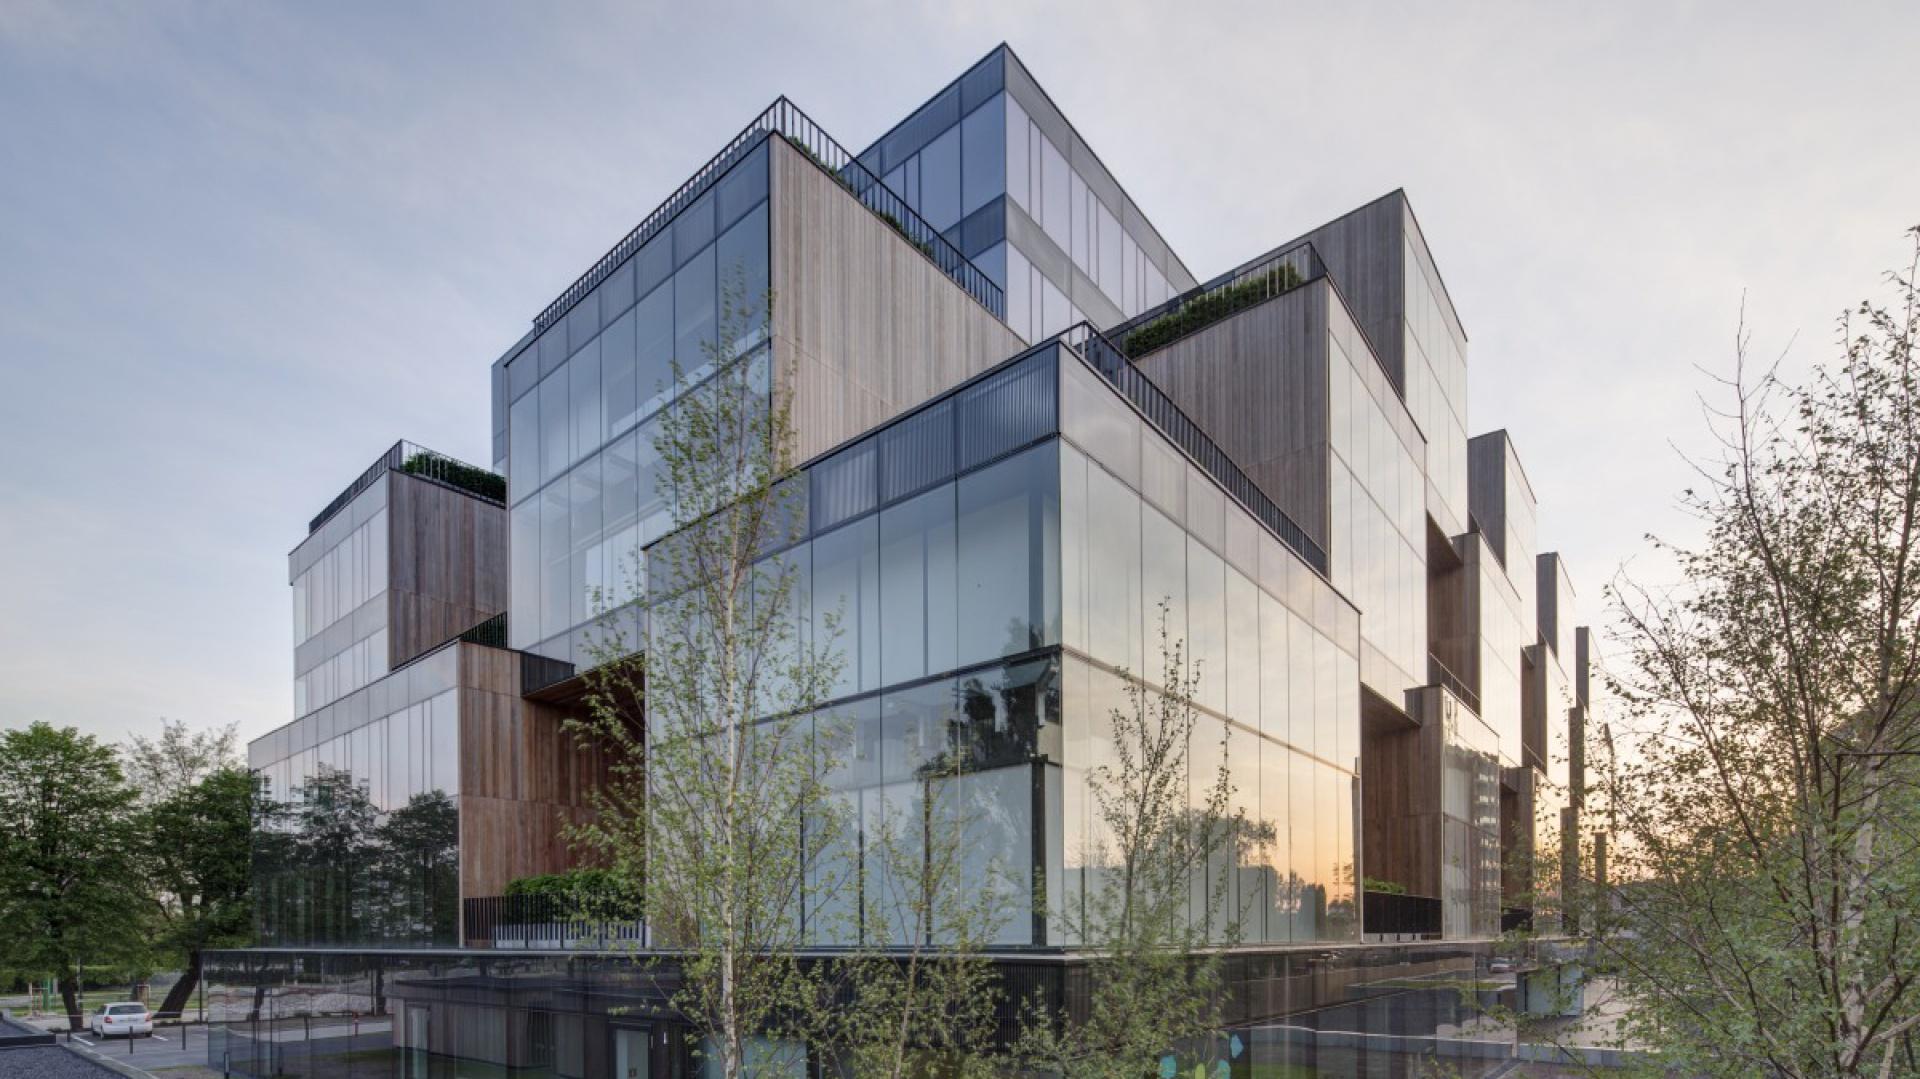 Nowoczesny, funkcjonalny i niebywale oryginalny biurowiec Pixel to jeden z najciekawszych i najpiękniejszych obiektów architektonicznych, które w ostatnich latach powstały w Poznaniu. Fot. Materiały prasowe